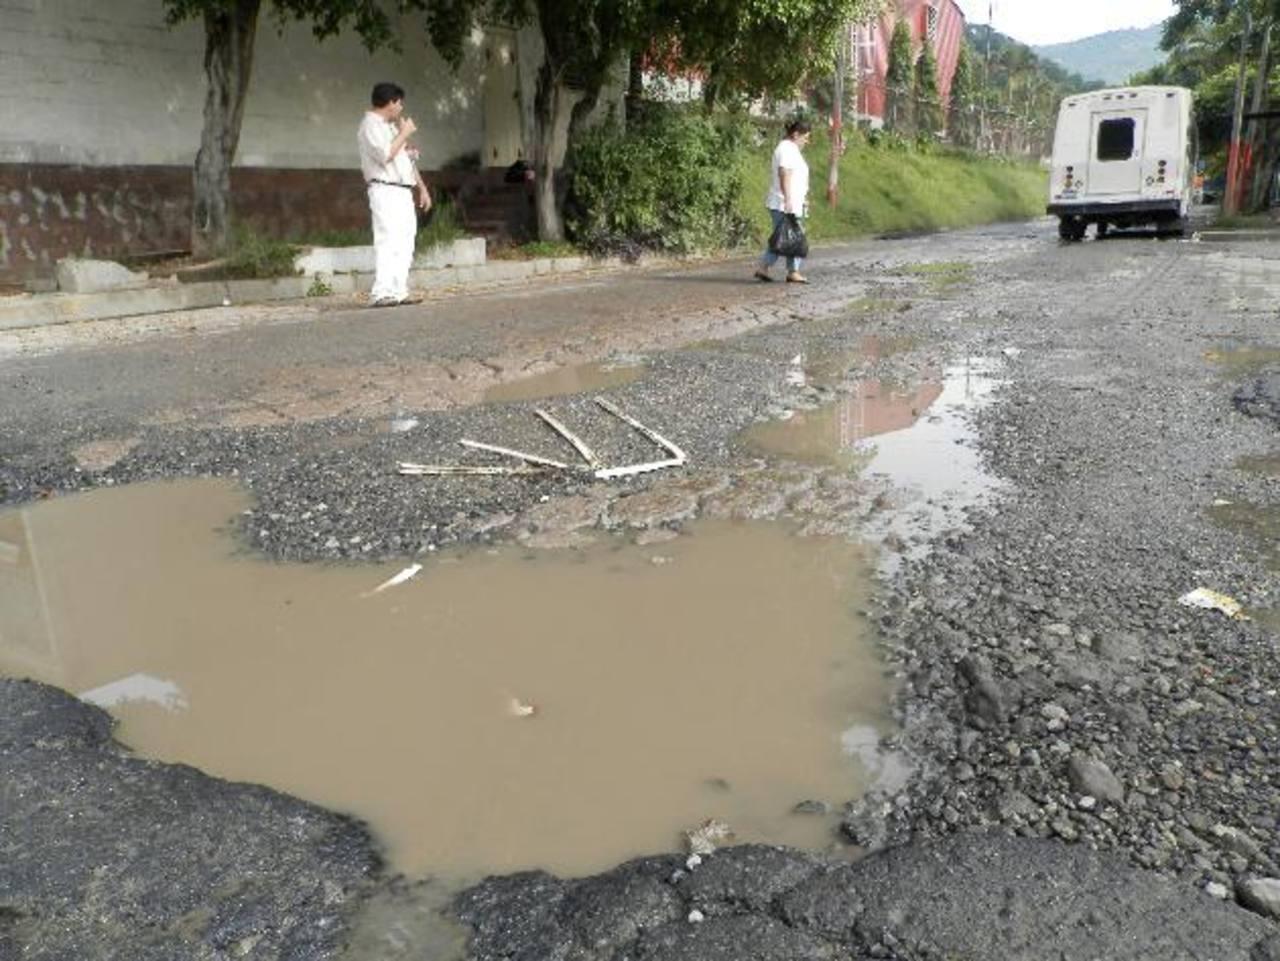 El paso de vehículos pesados por el lugar genera más problemas a la calle. Foto EDH/ milton jaCO